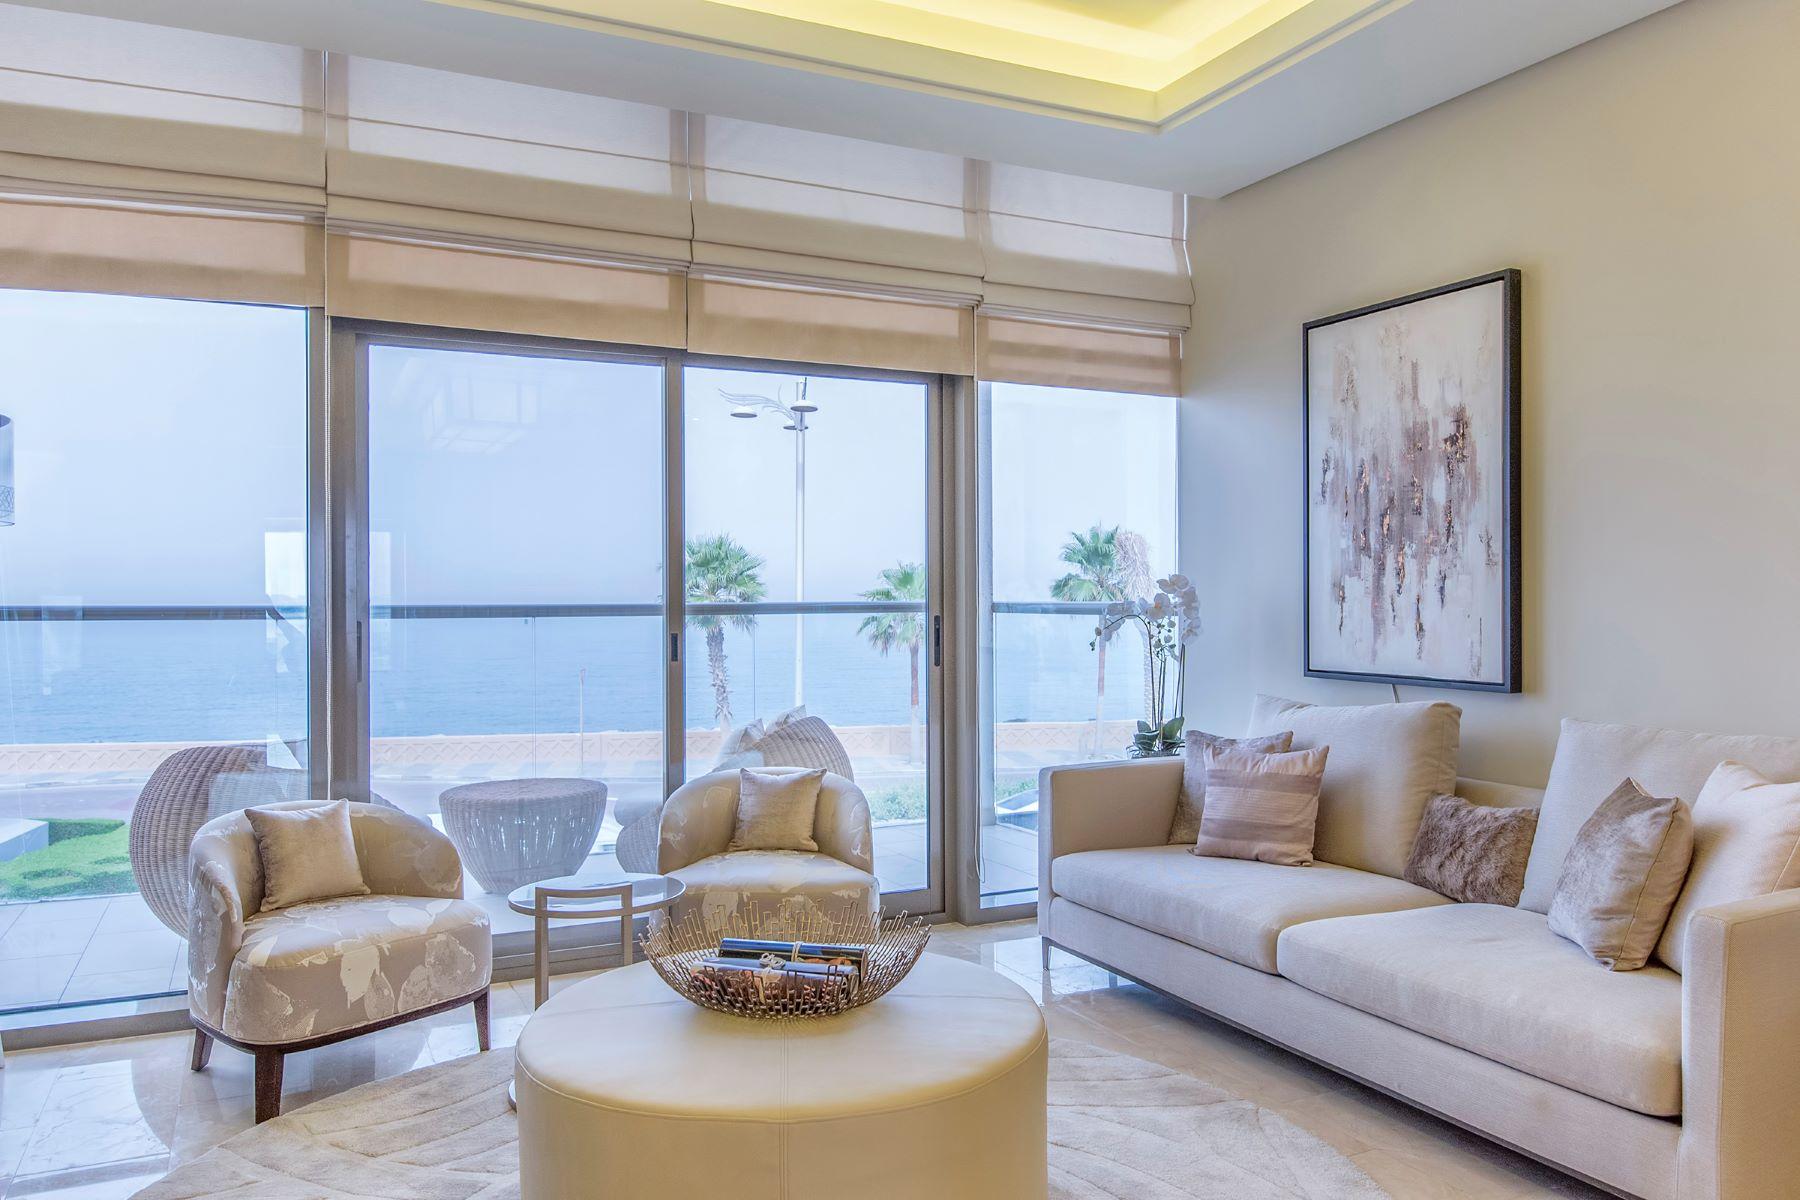 Квартира для того Продажа на Palm Two Bedroom apartment Full sea View Palm Jumeirah The 8, Dubai, 00000 Объединенные Арабские Эмираты